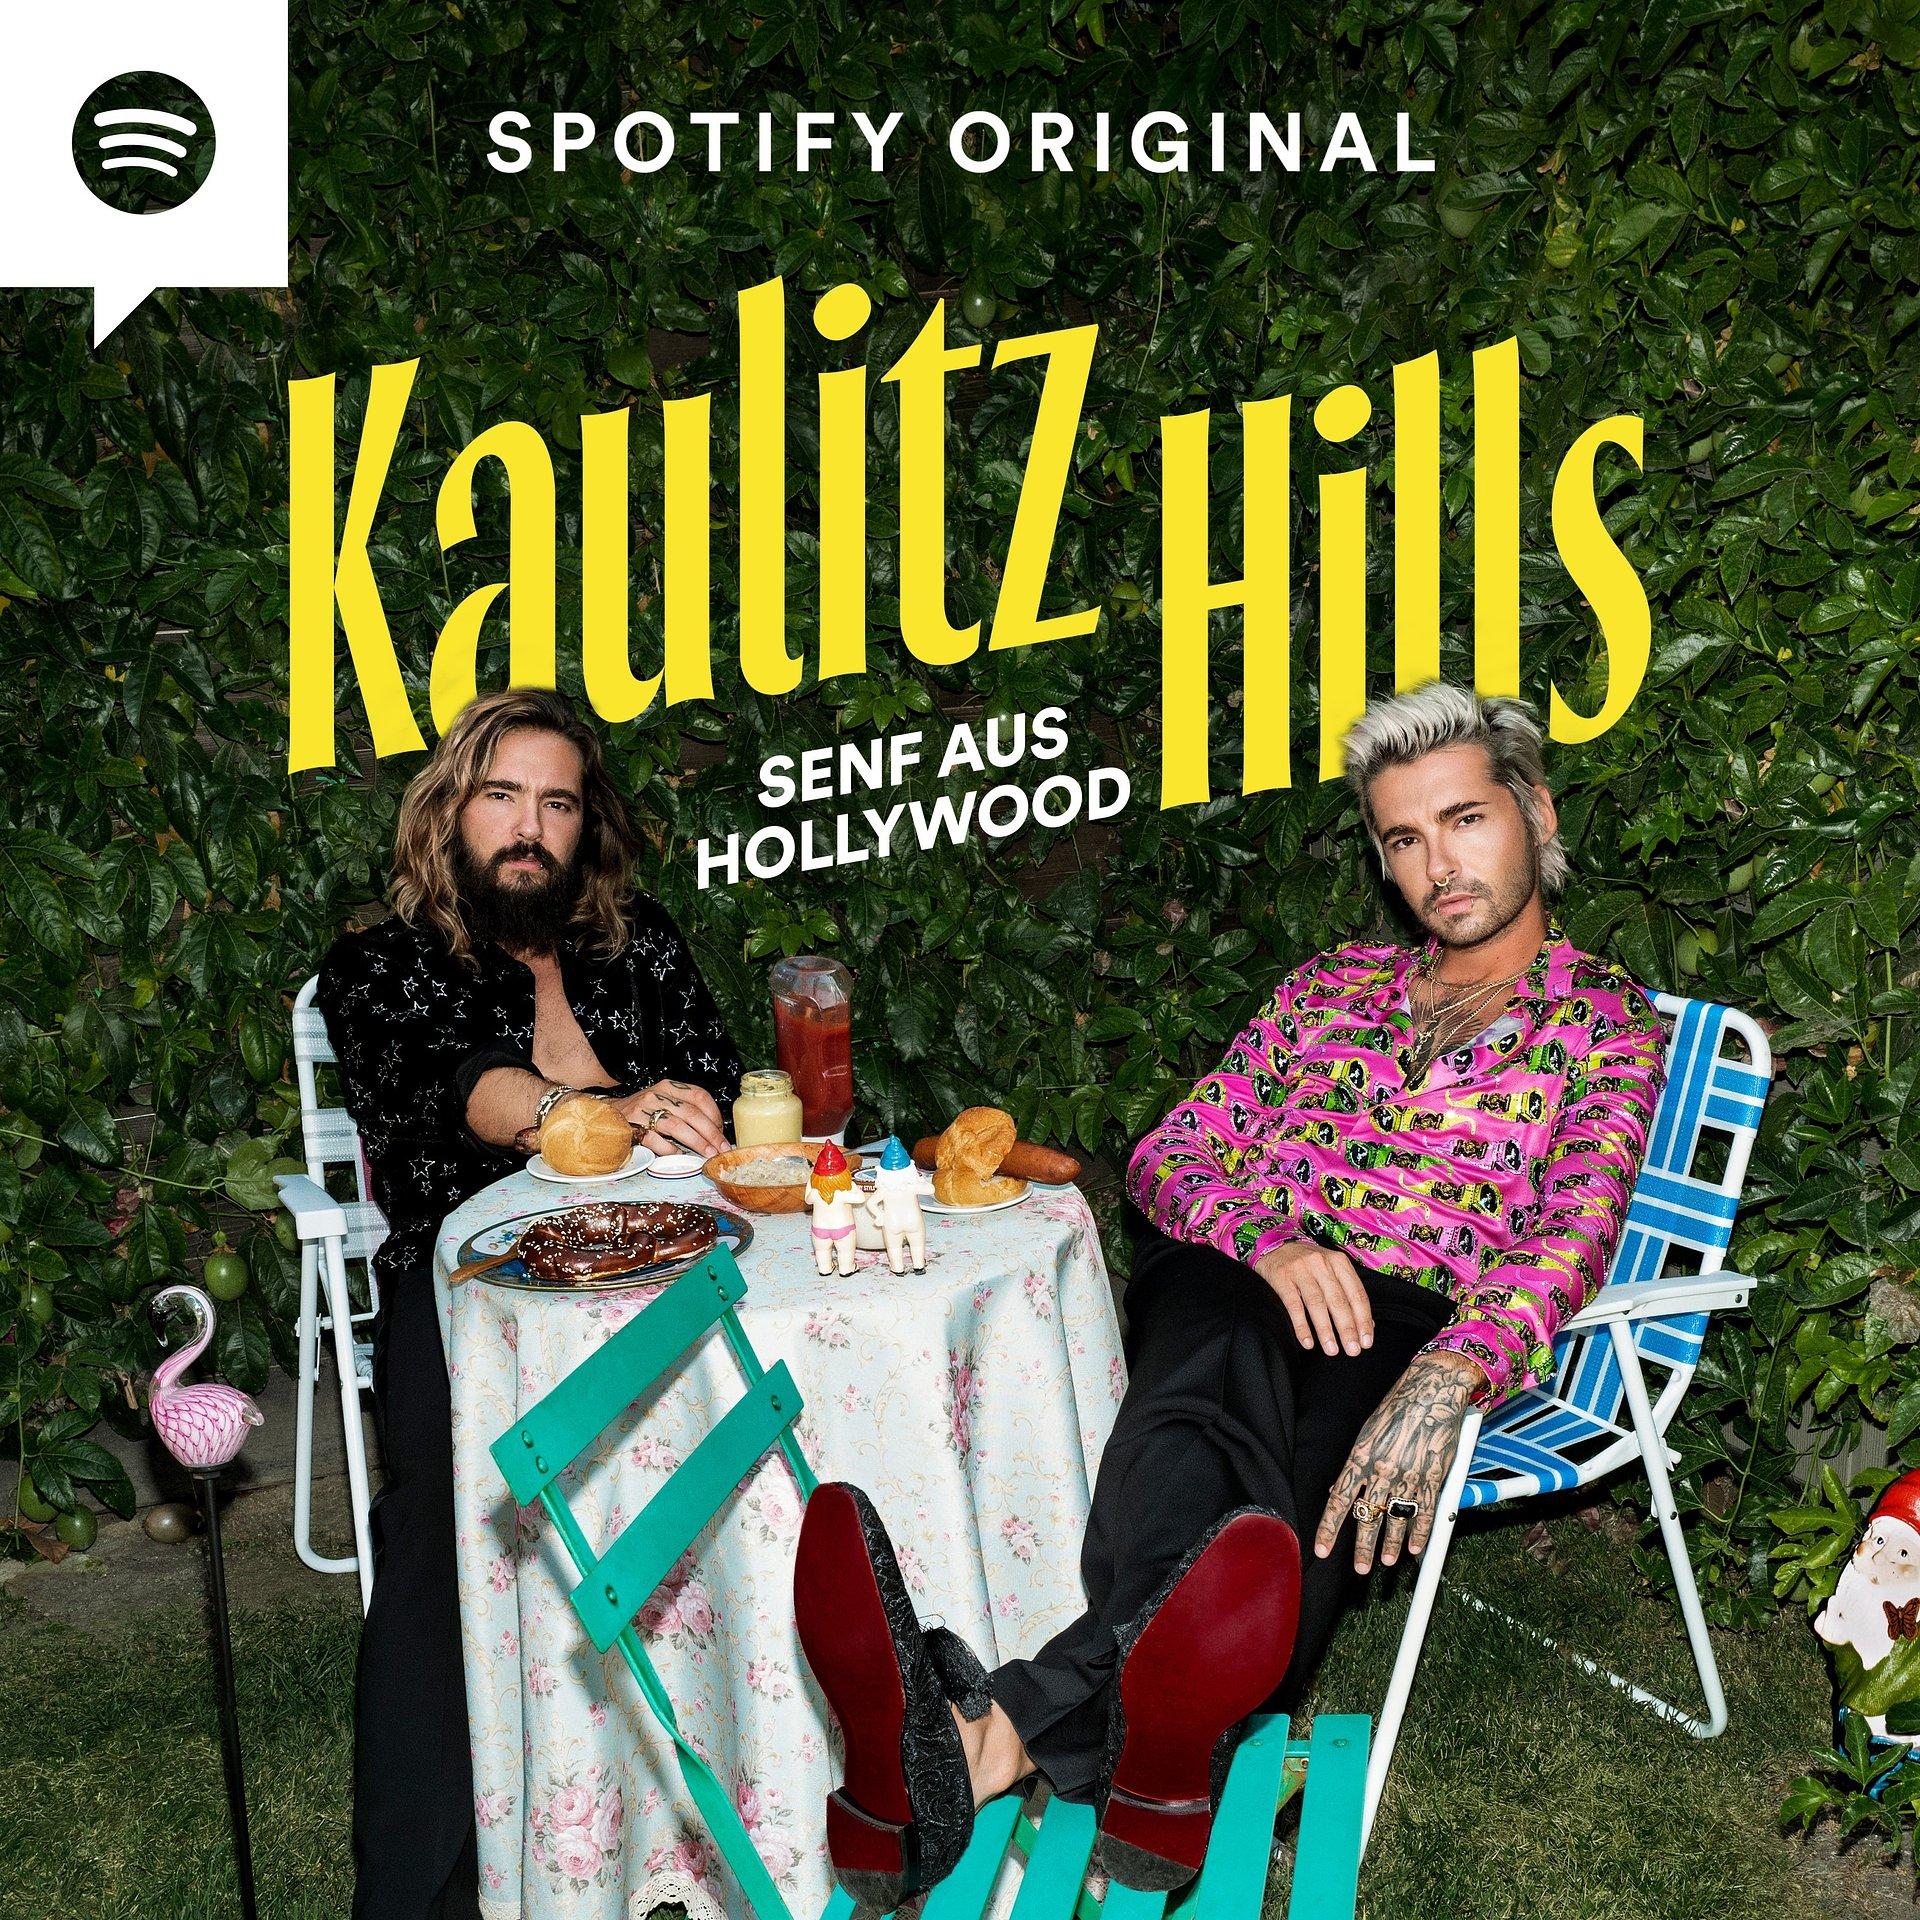 """Bill und Tom Kaulitz starten Spotify Original Podcast: """"Kaulitz Hills– Senf aus Hollywood"""""""